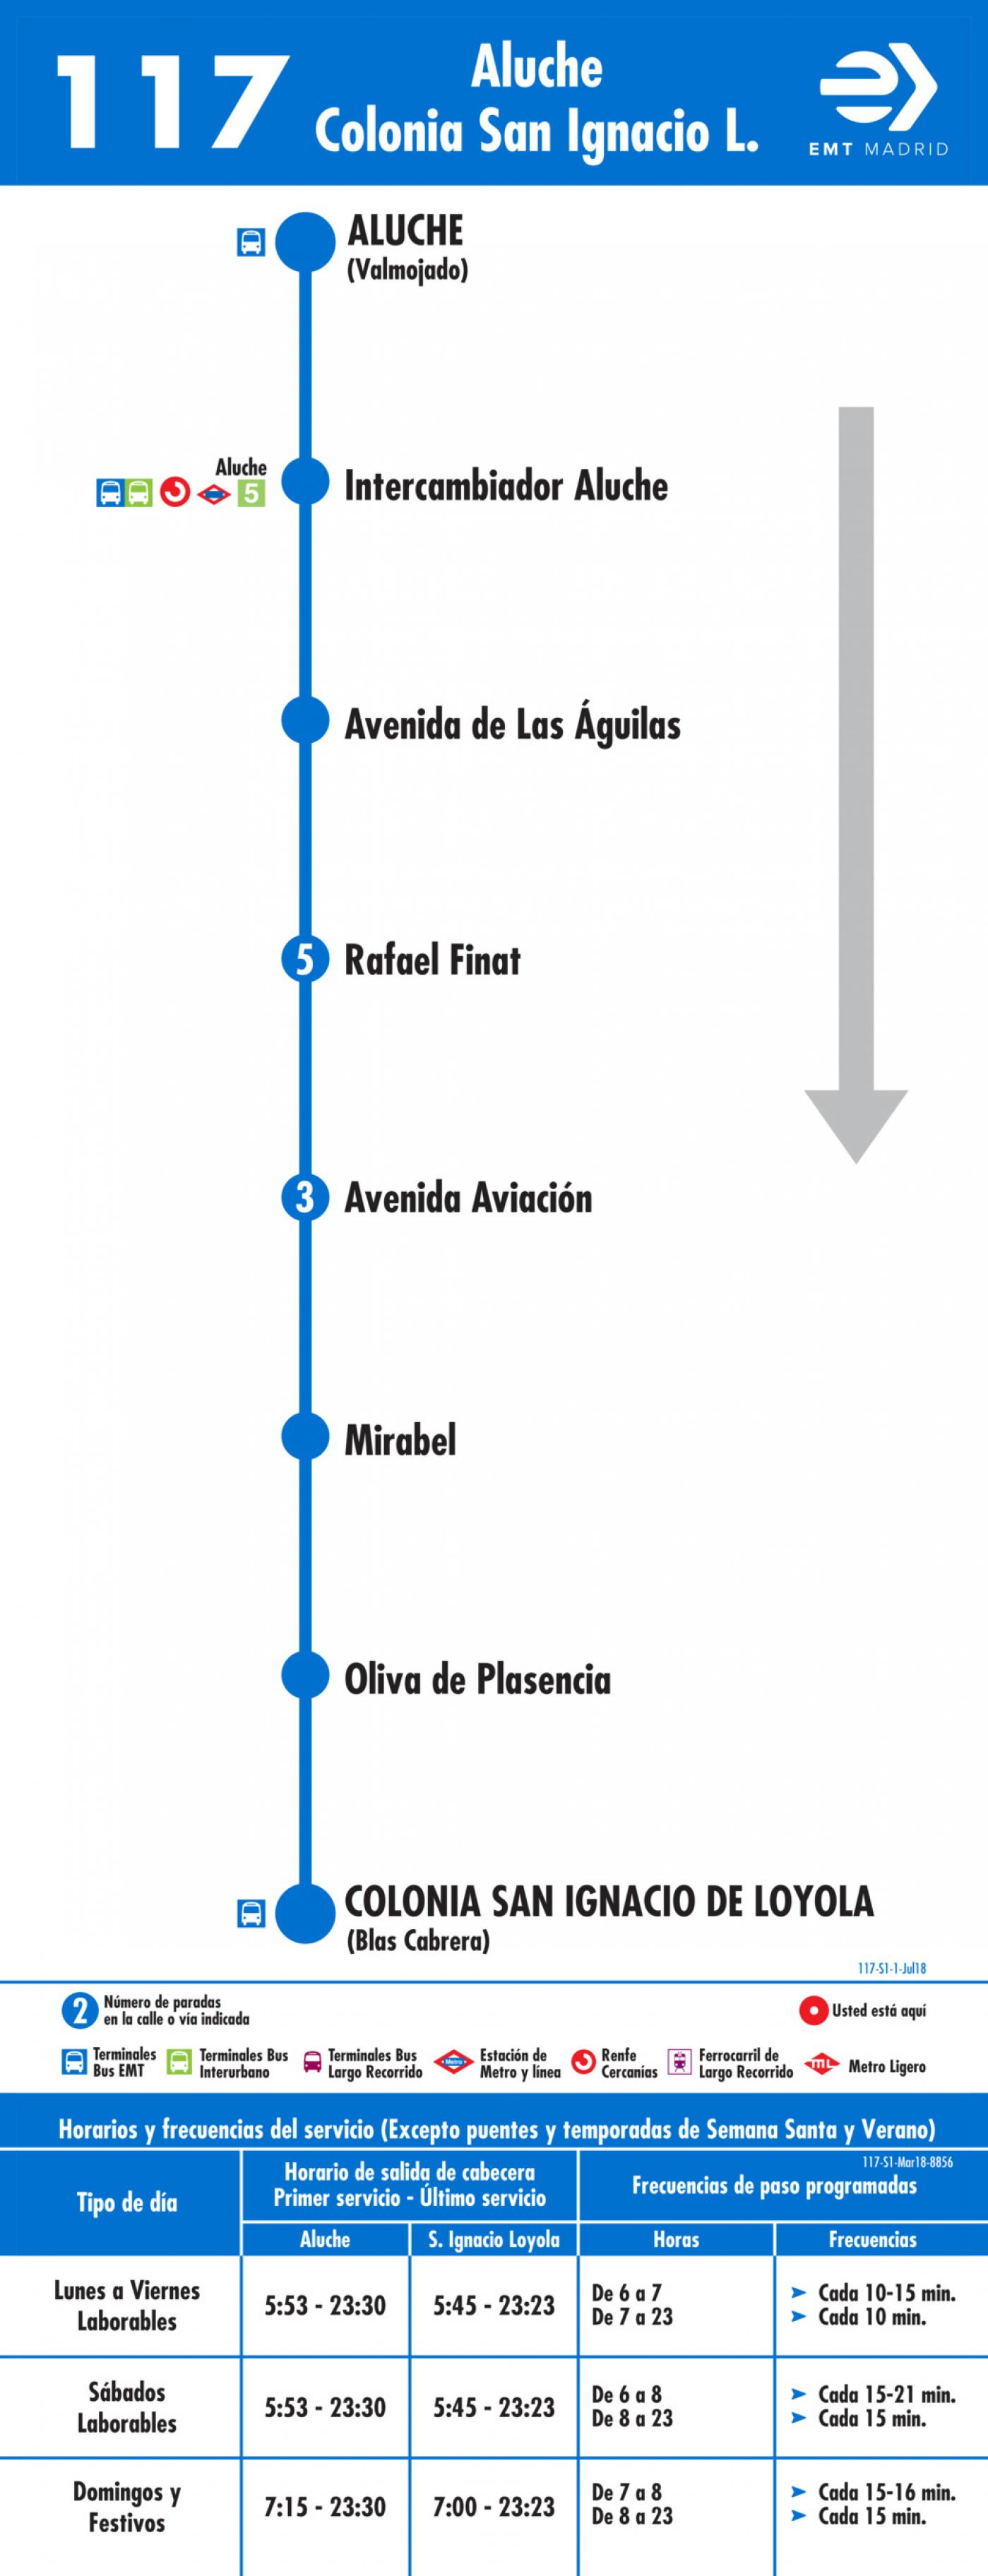 Tabla de horarios y frecuencias de paso en sentido ida Línea 117: Aluche - Colonia San Ignacio de Loyola